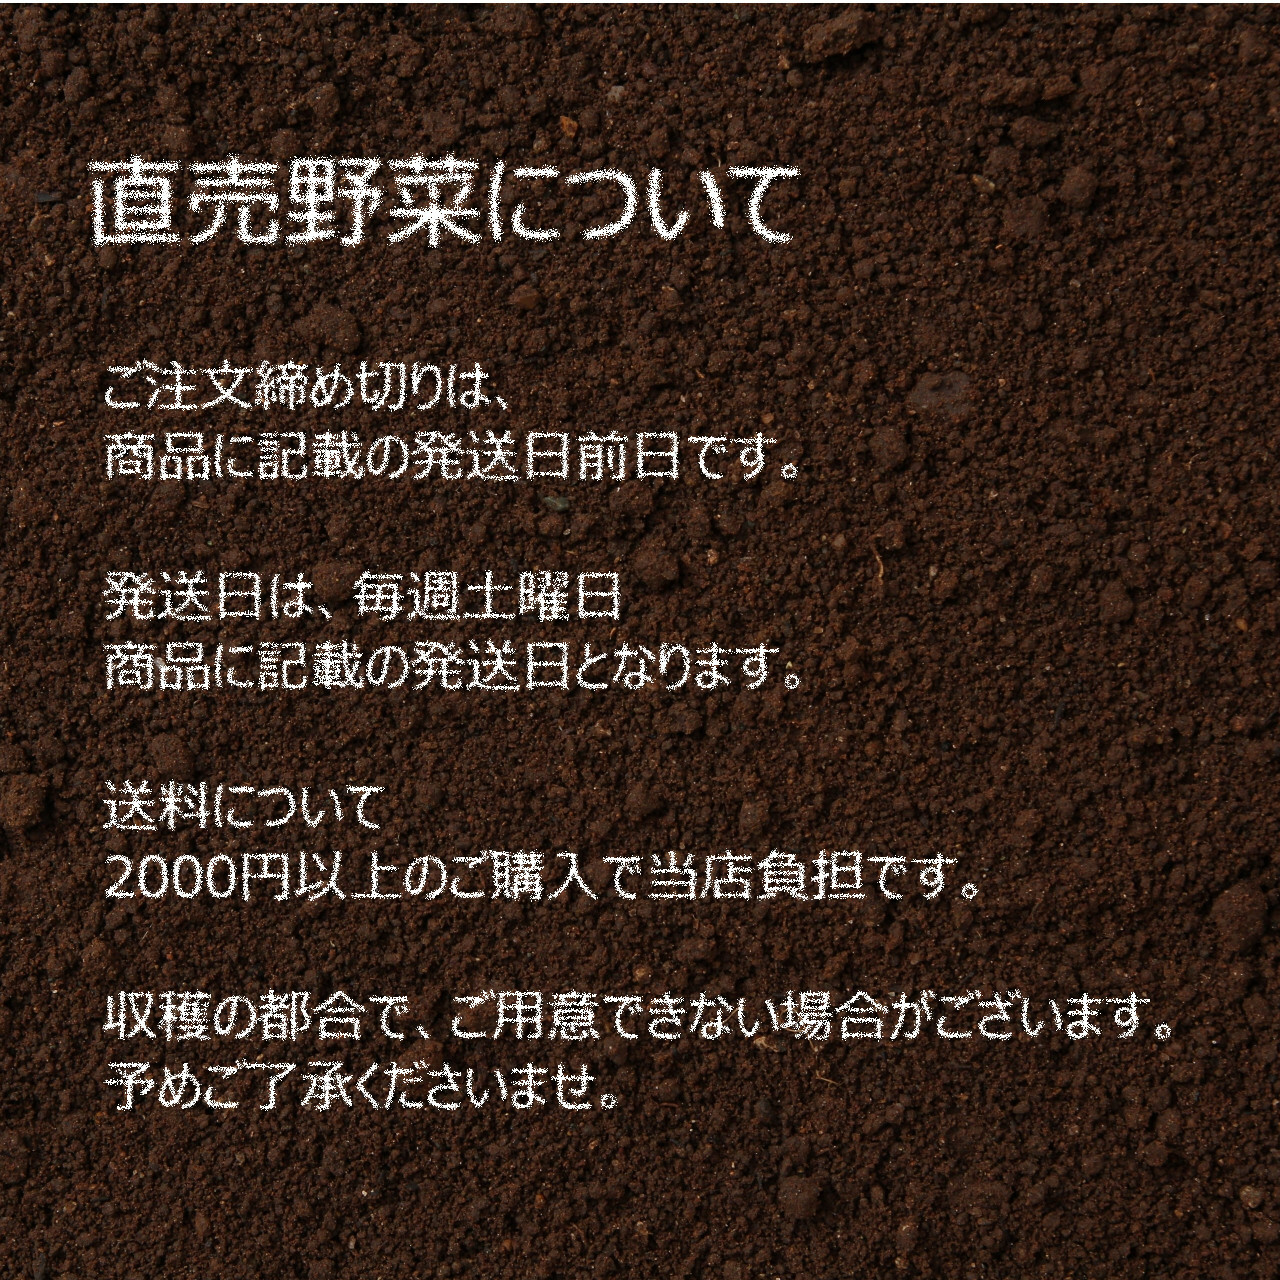 新鮮な秋野菜 : キュウリ 3~4本  9月の朝採り直売野菜 9月12日発送予定